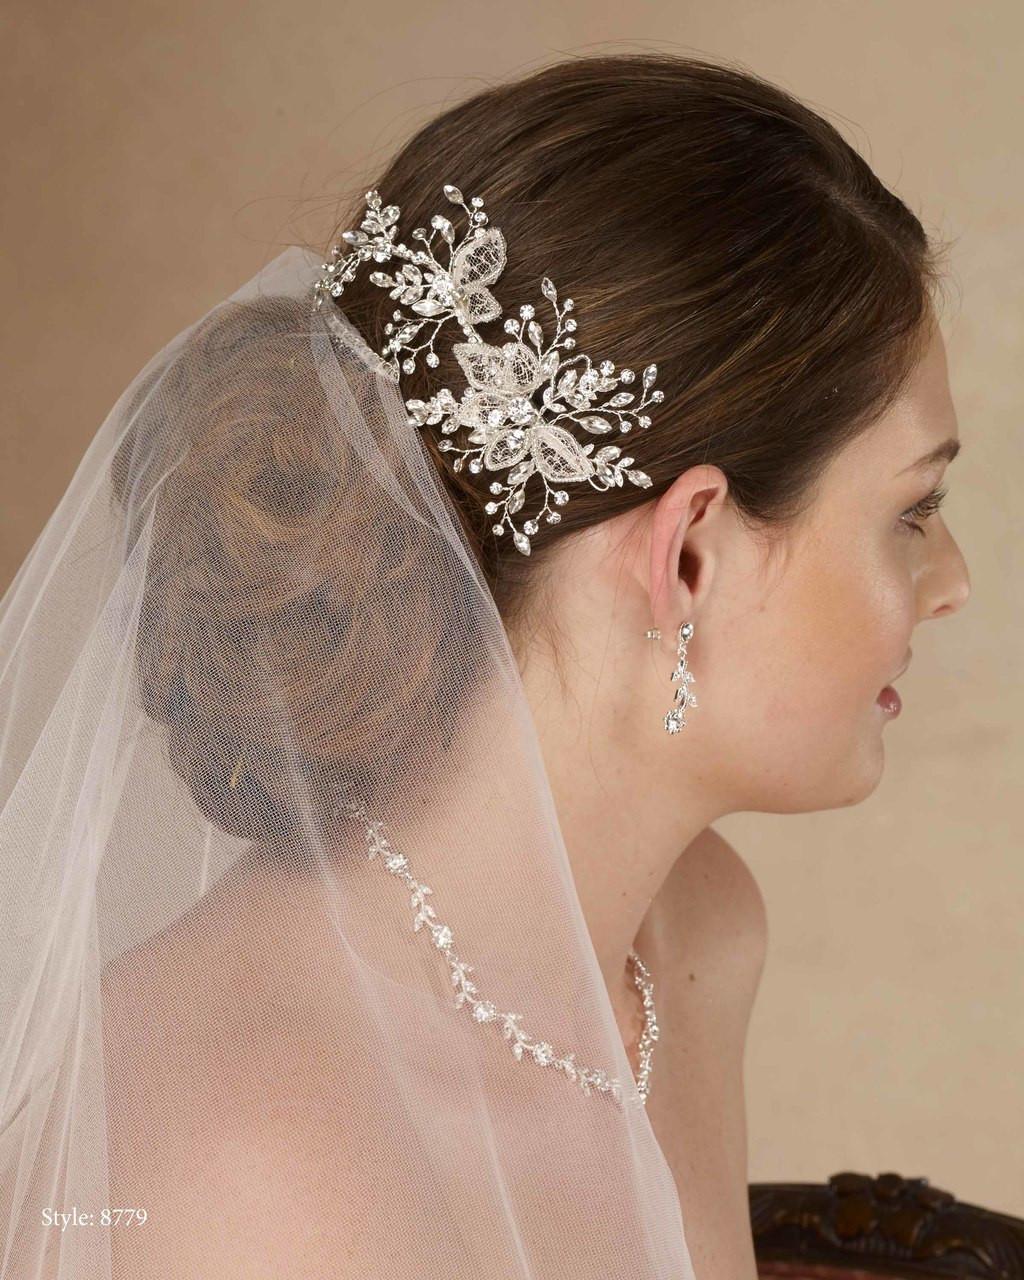 Marionat Bridal Headpieces 8779